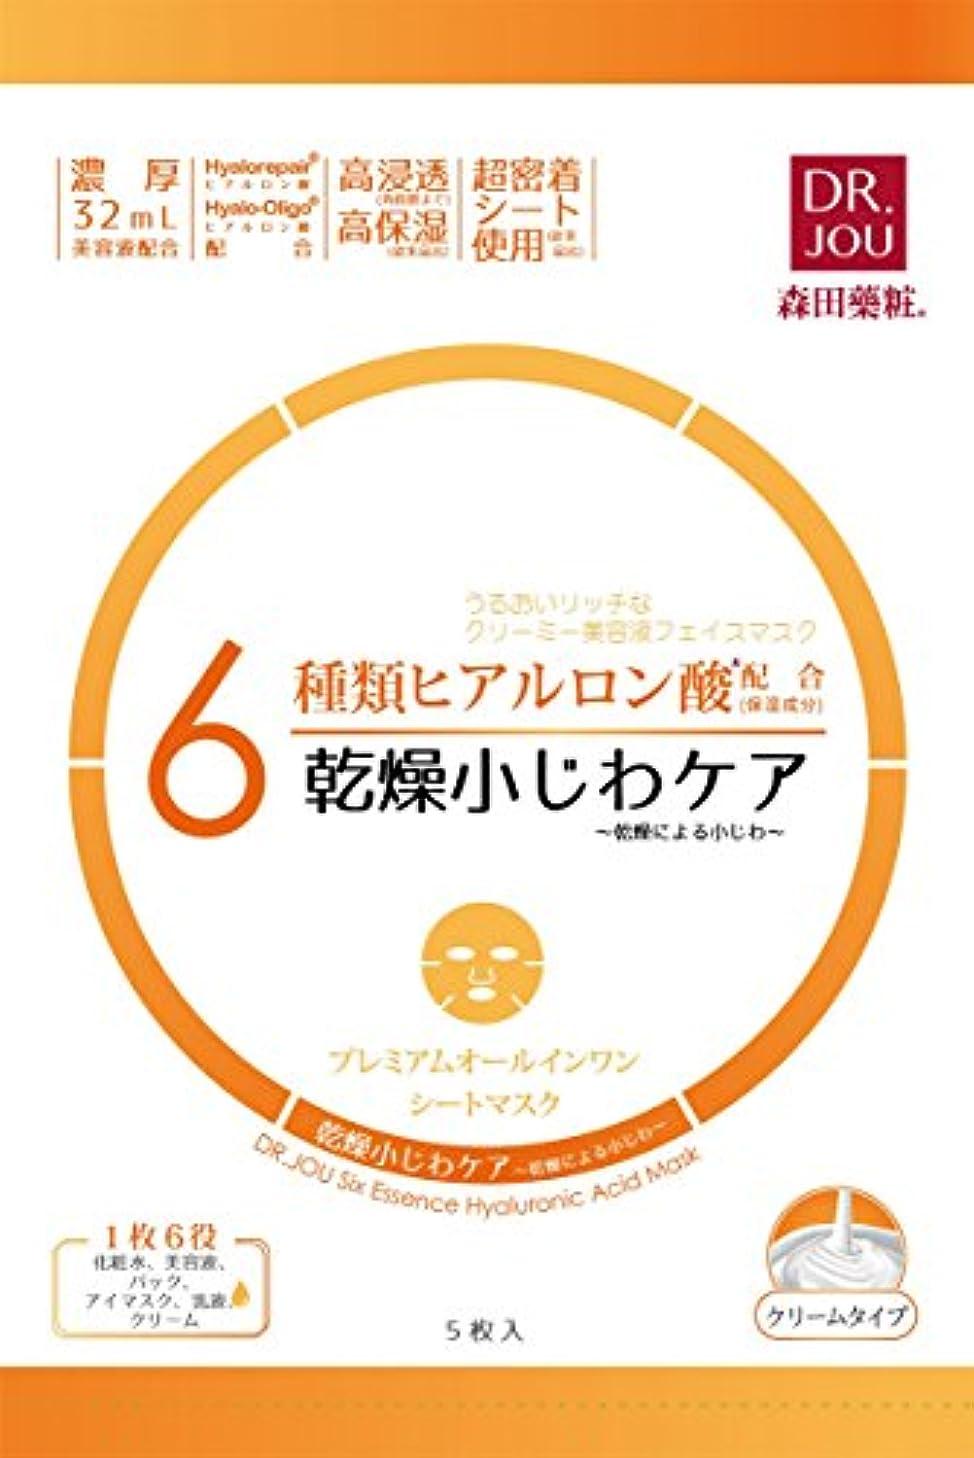 中古ルーム写真Dr.JOU 6種ヒアルロン酸プレミアムオールインワンマスク 乾燥小じわケア 5枚